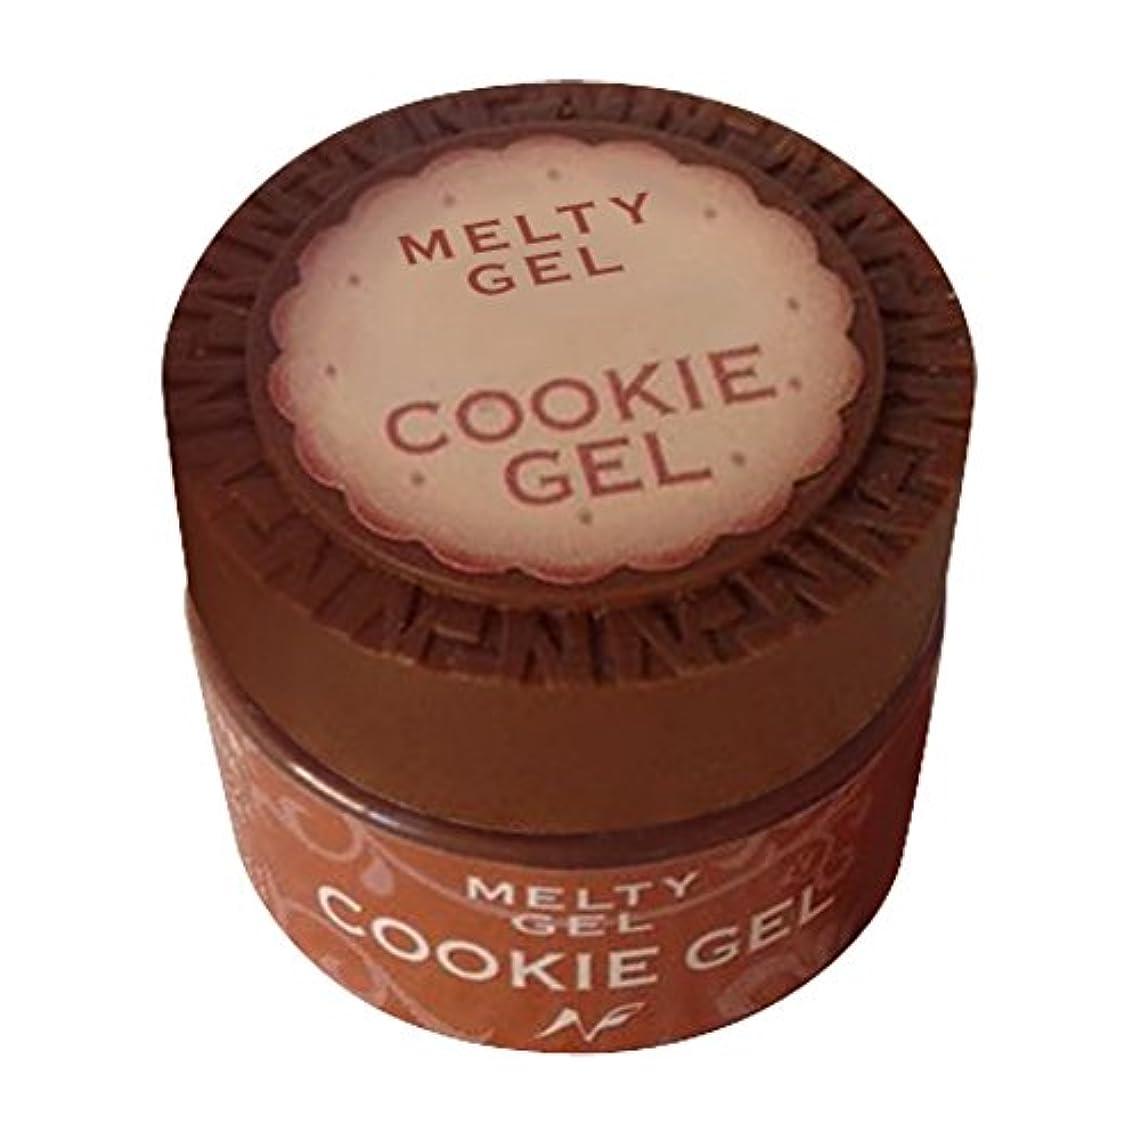 便利さホスト年金受給者Natural Field Melty Gel クッキージェル 3902ブルー 5g